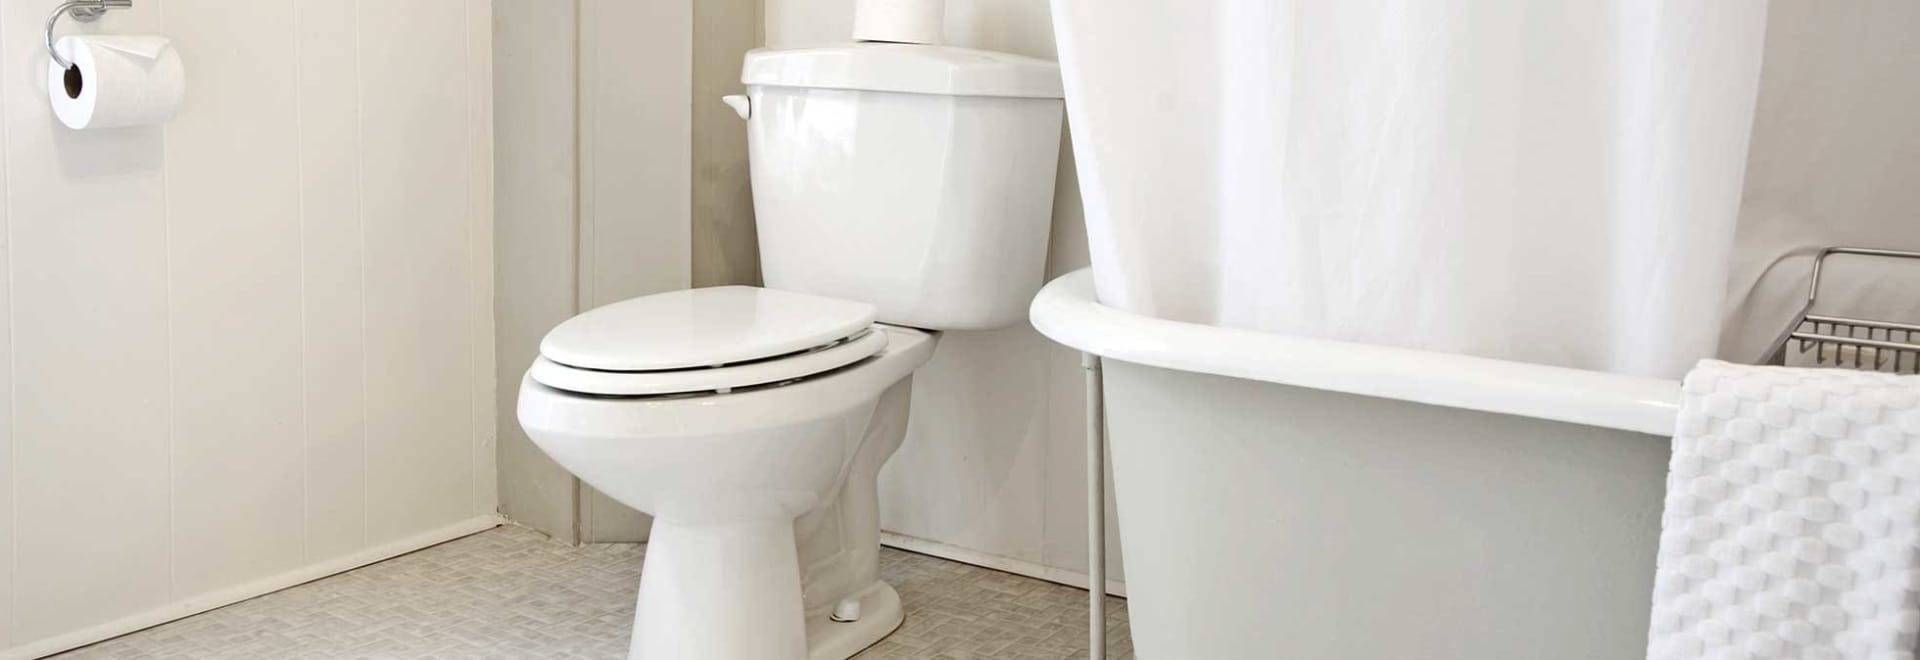 Image of a white toilet